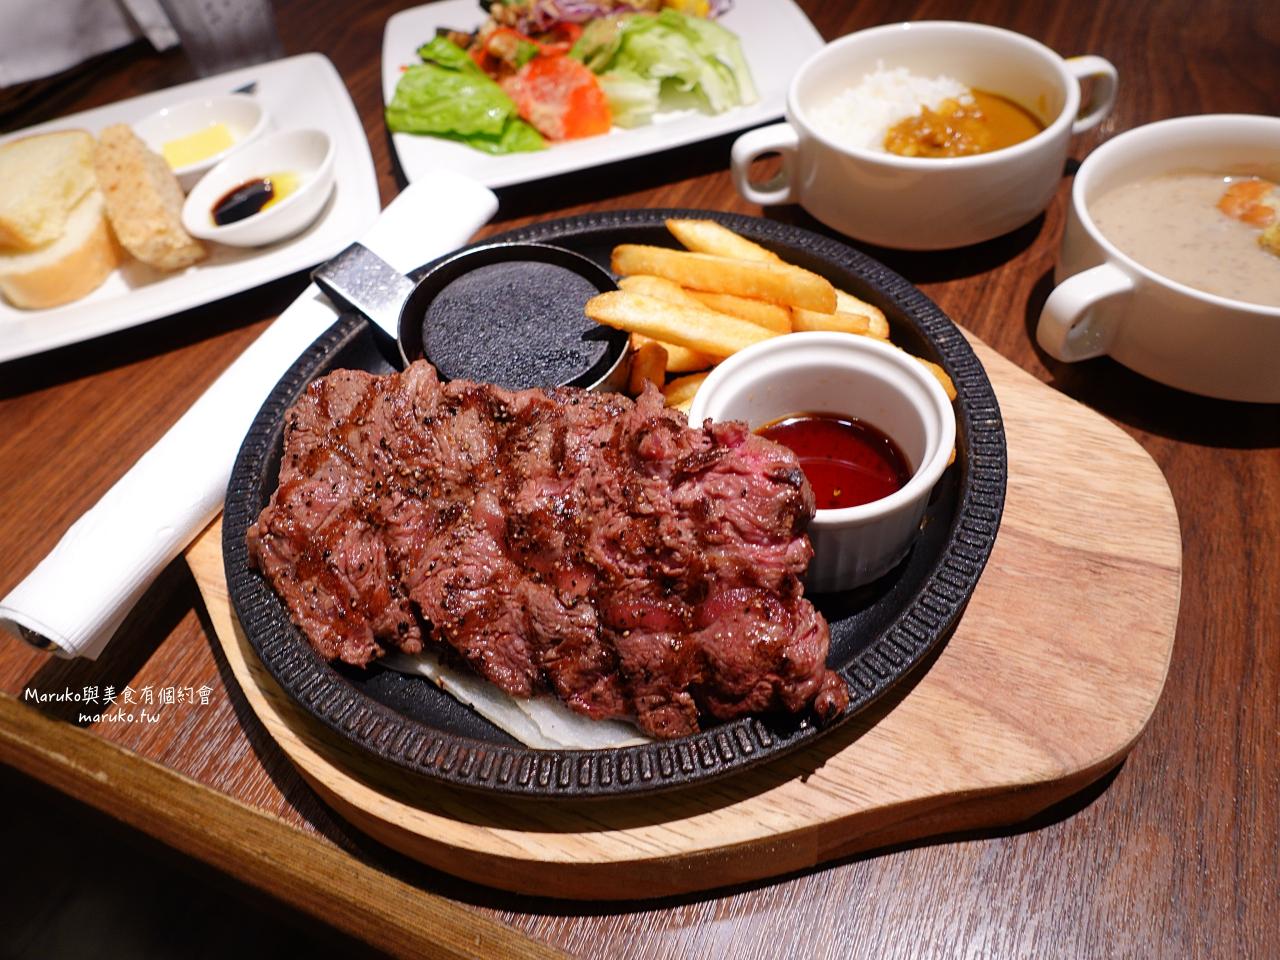 【岡山旅遊】日本岡山特色商品限定美食一次滿足 @Maruko與美食有個約會